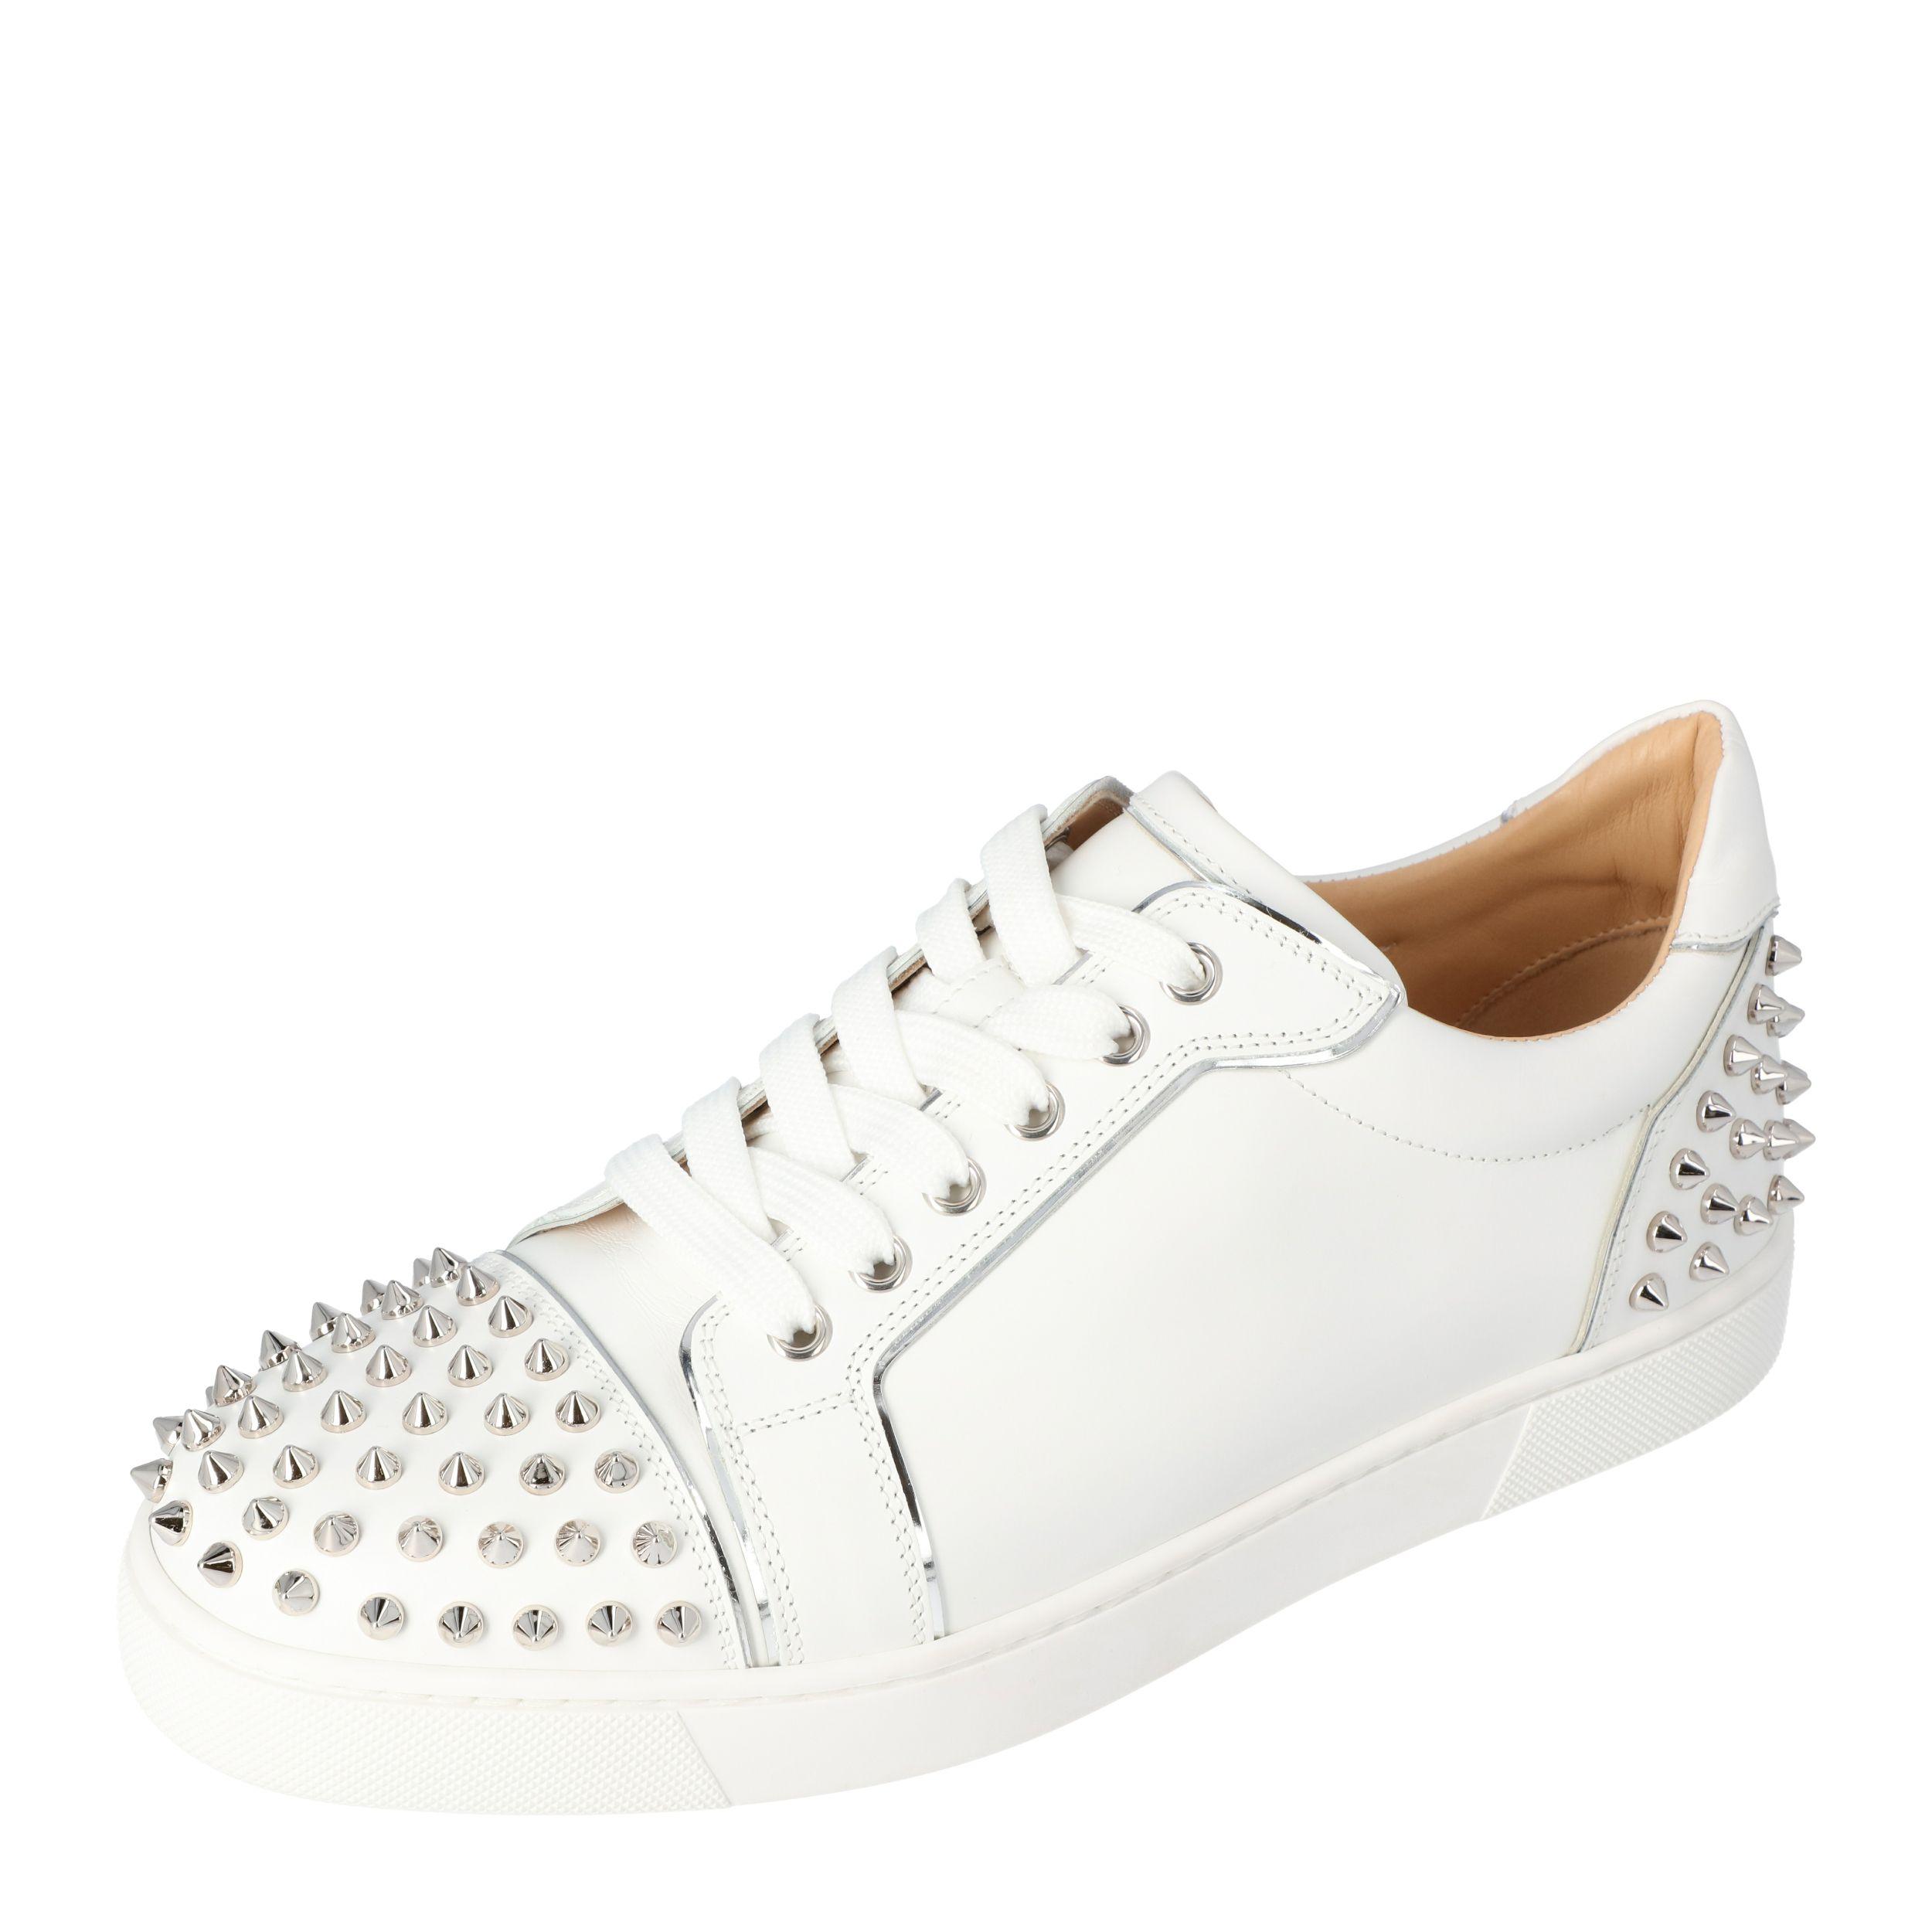 Christian Louboutin White Leather